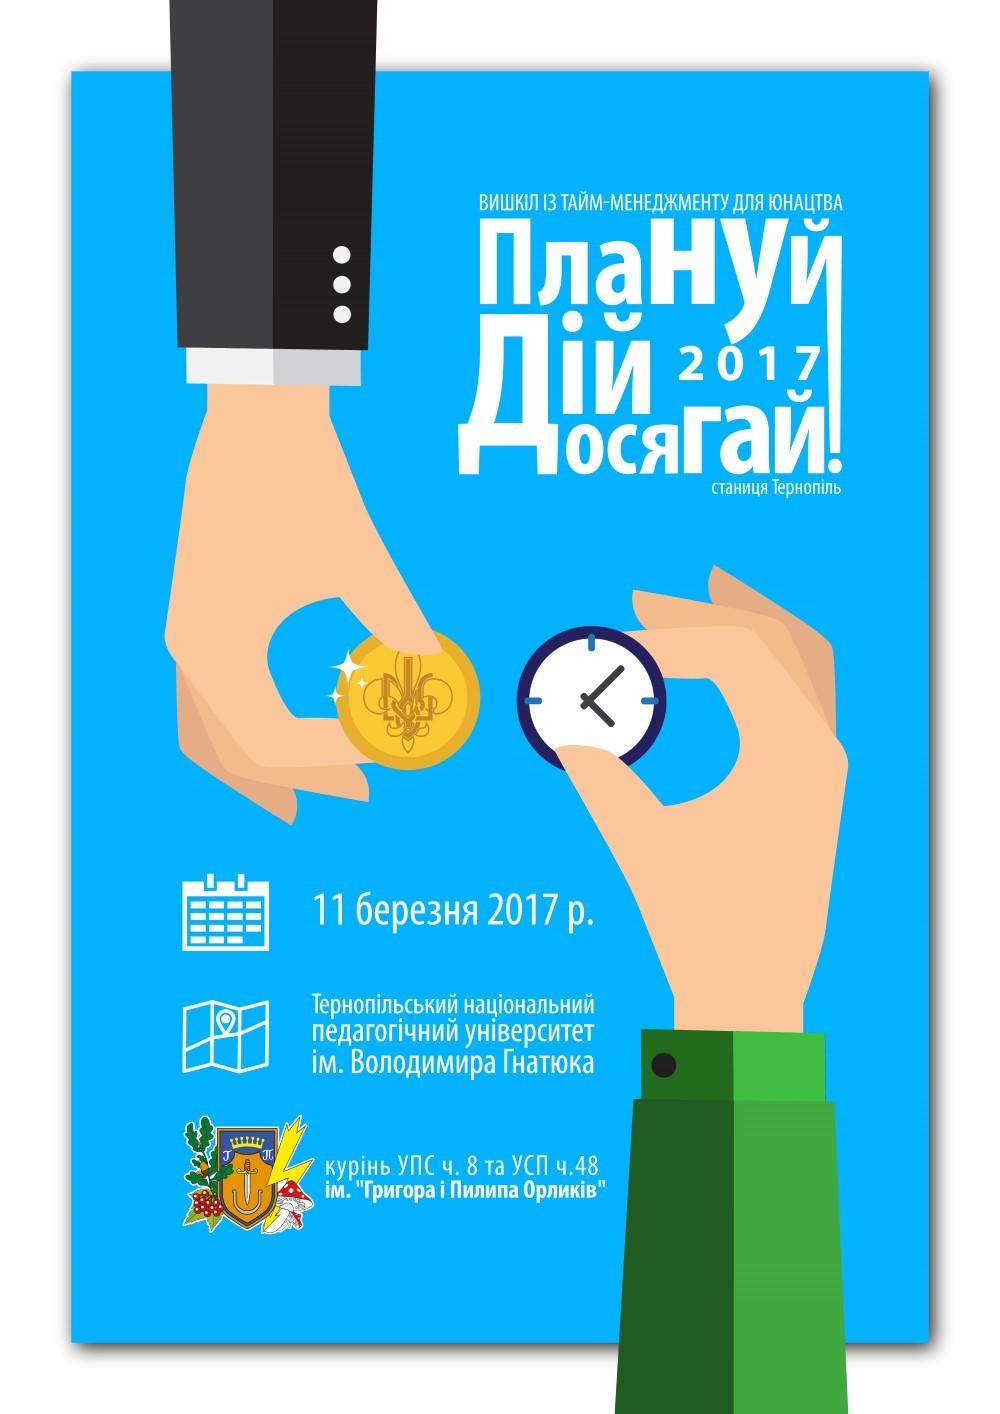 Вишкіл із тайм-менеджменту «ПДД: Плануй! Дій! Досягай!» відбудеться 11 березня в Терополі